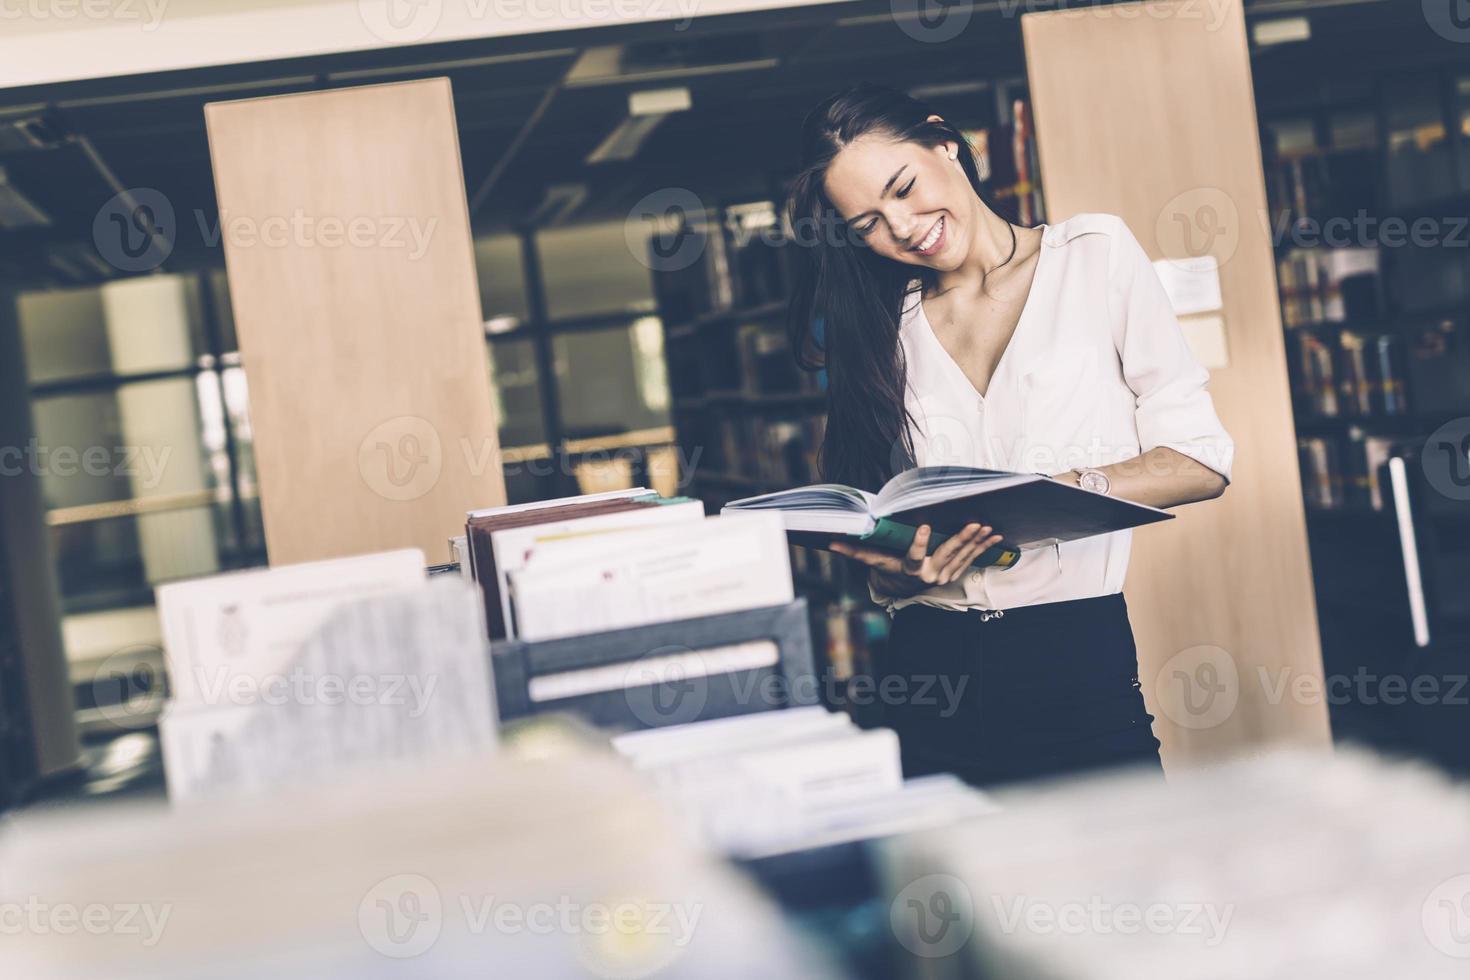 vacker kvinna läser böcker i ett bibliotek foto